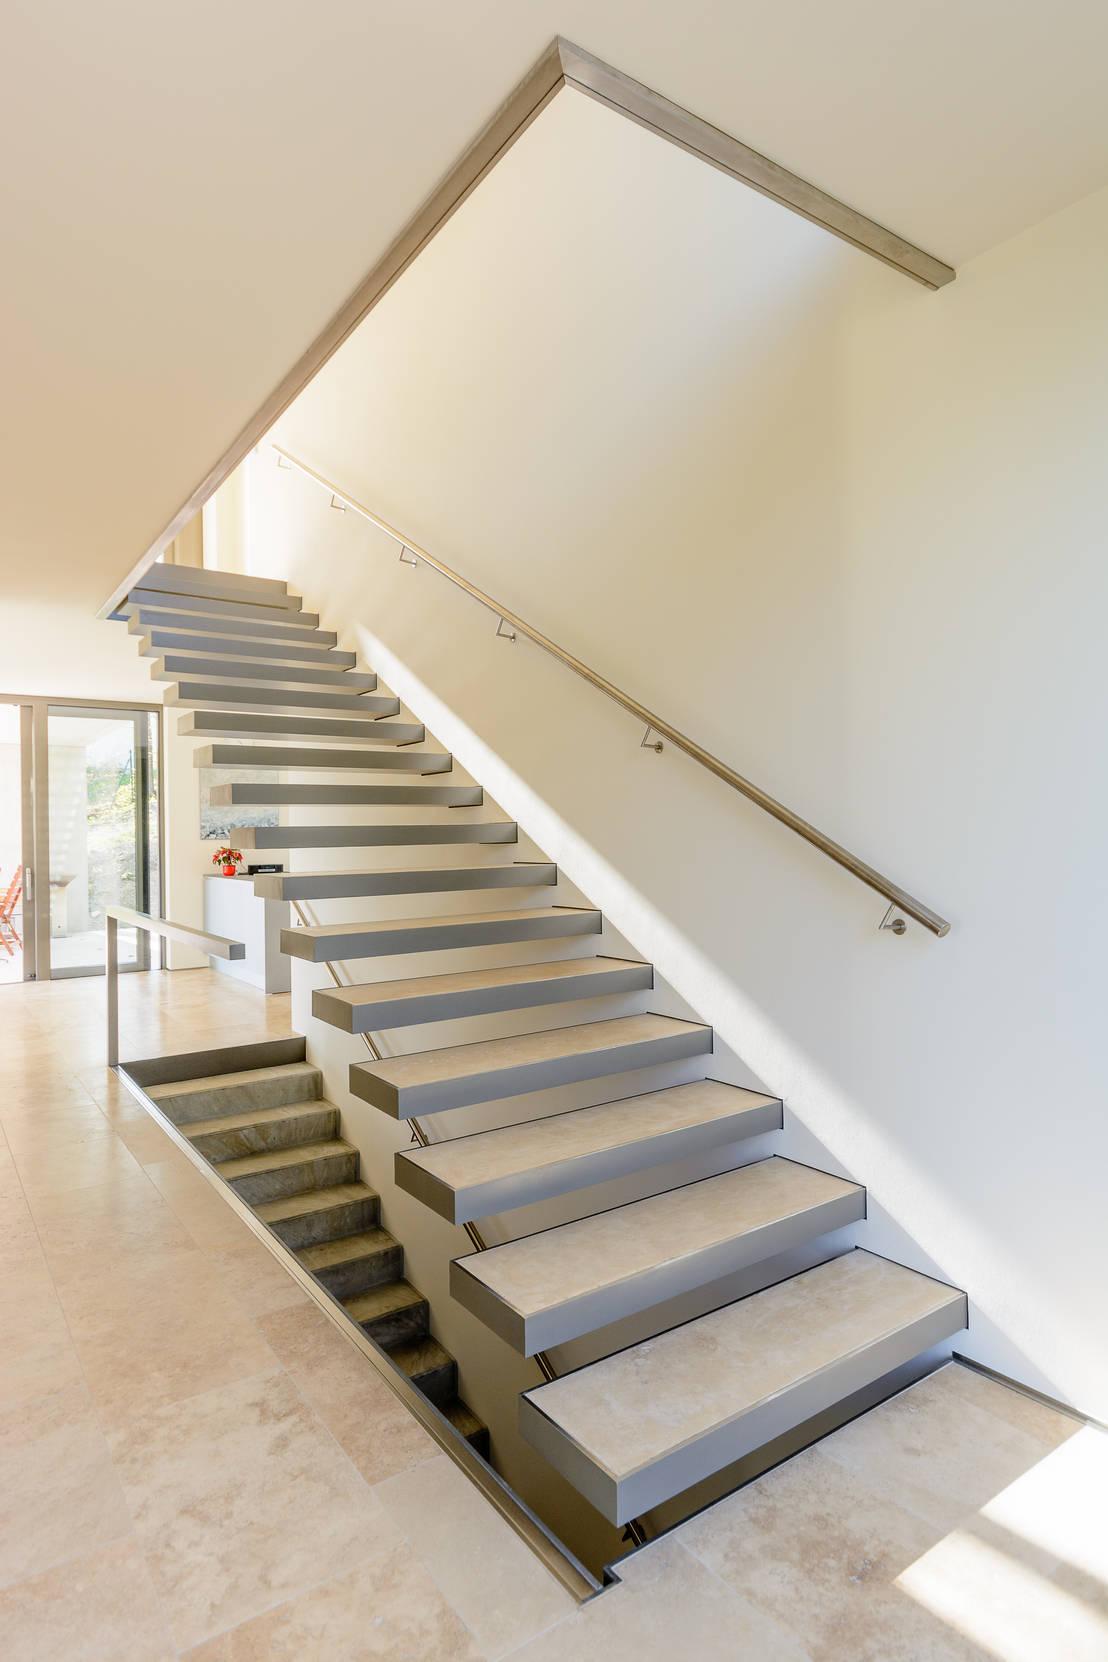 nautilus treppen gmbh co kg kragstufentreppe jena homify. Black Bedroom Furniture Sets. Home Design Ideas